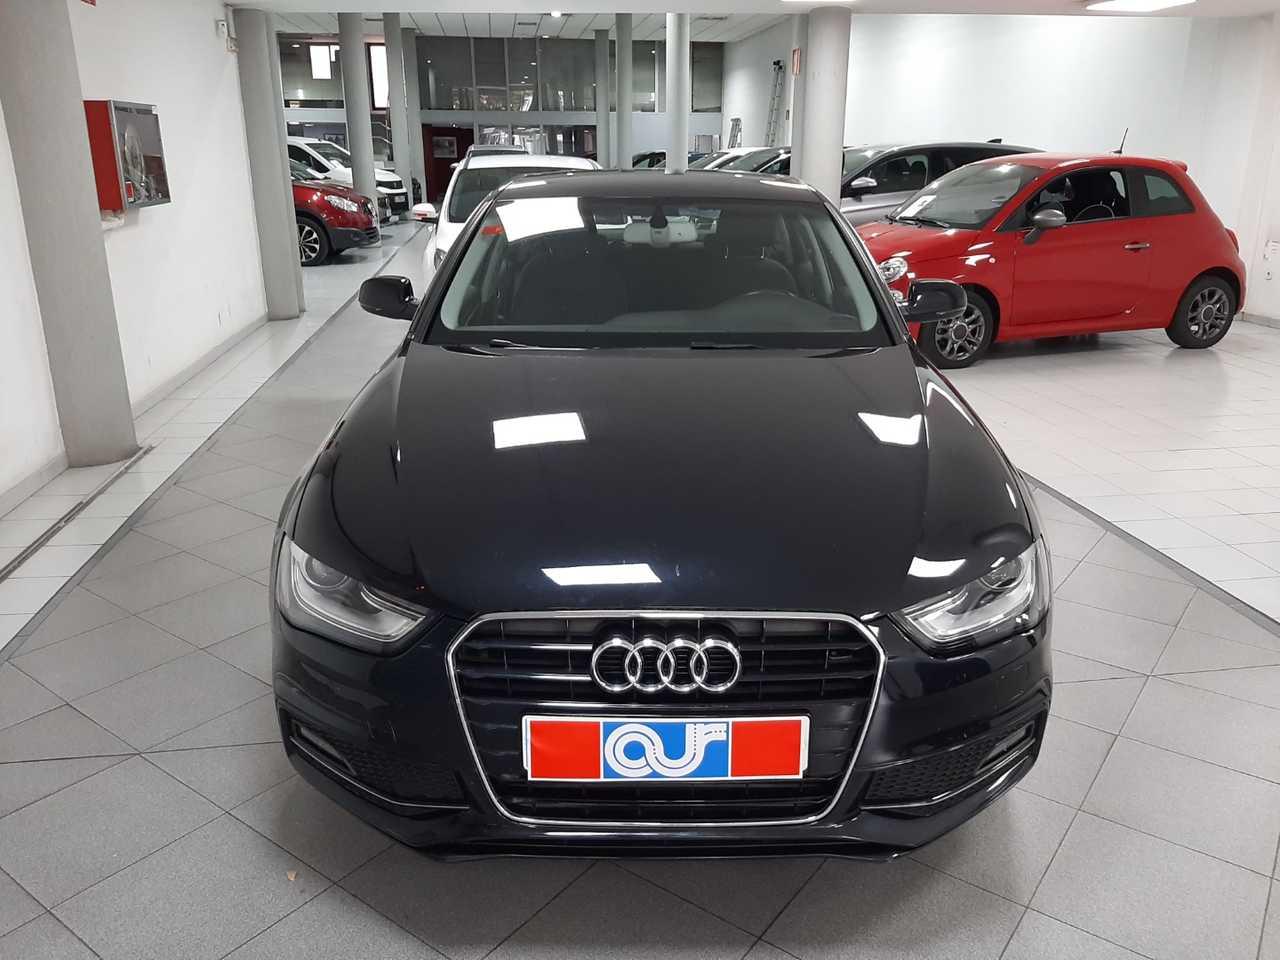 Audi A4 Diésel en Terrassa